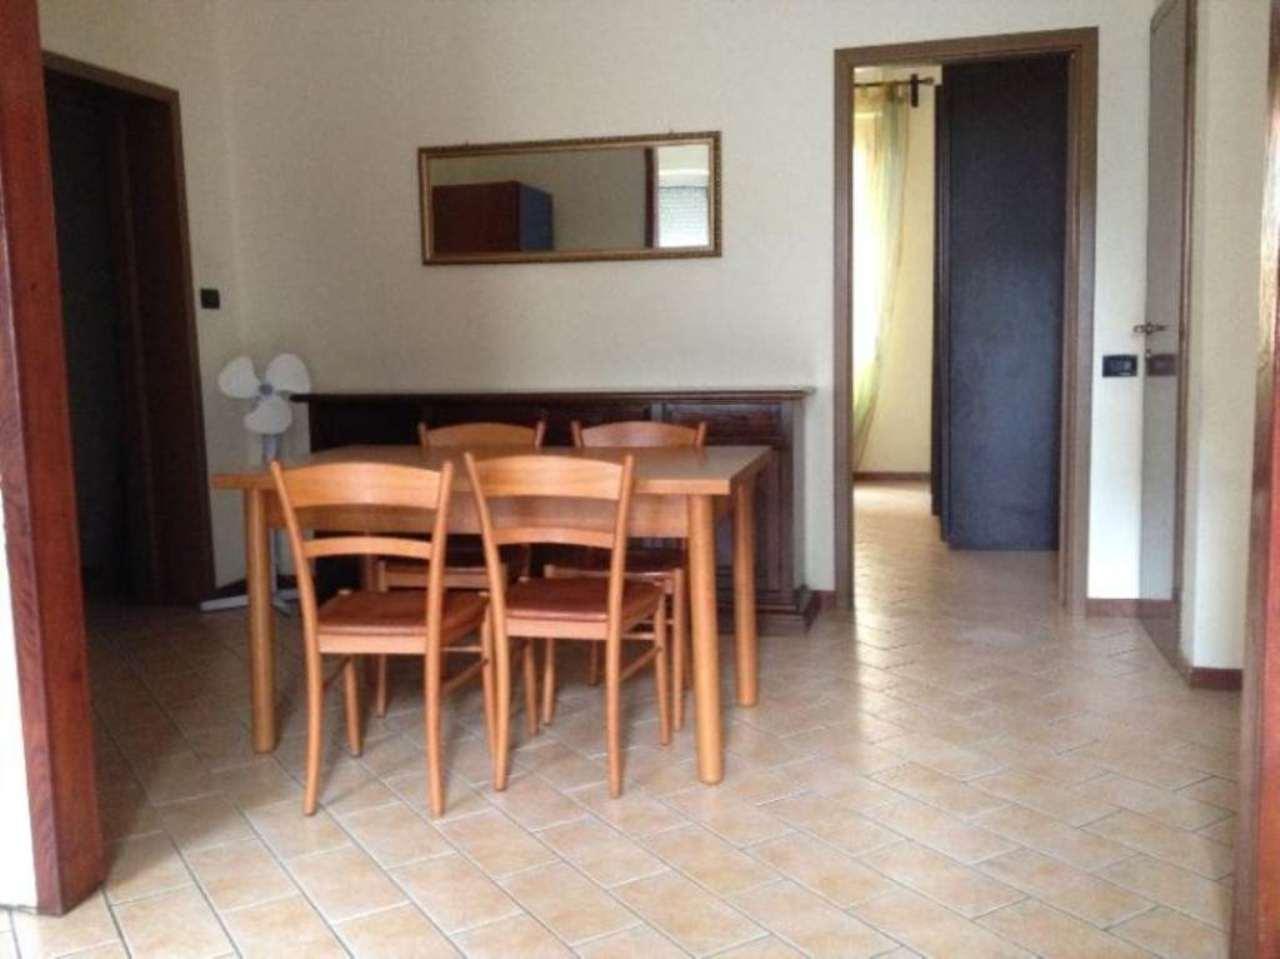 Appartamento in vendita a Cremona, 2 locali, prezzo € 48.000   Cambio Casa.it